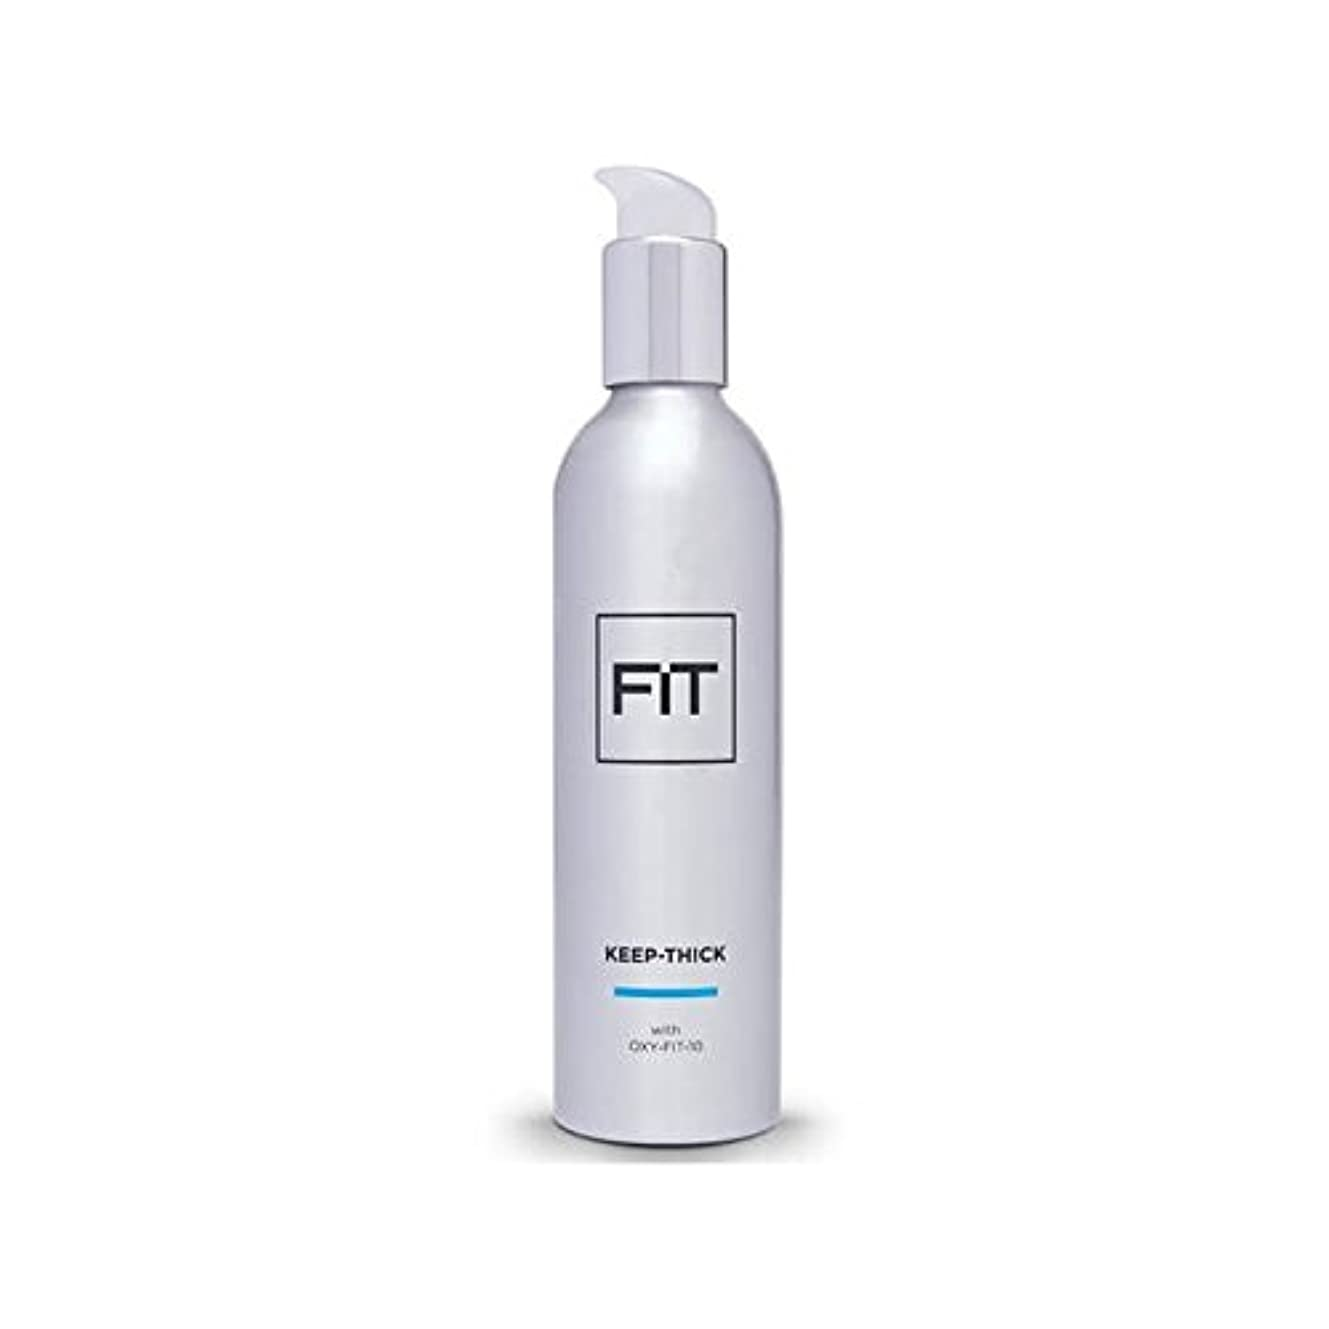 例示する突破口葉を集める太いヘアトリートメント250ミリリットルを維持フィット x4 - Fit Keep Thick Hair Treatment 250ml (Pack of 4) [並行輸入品]